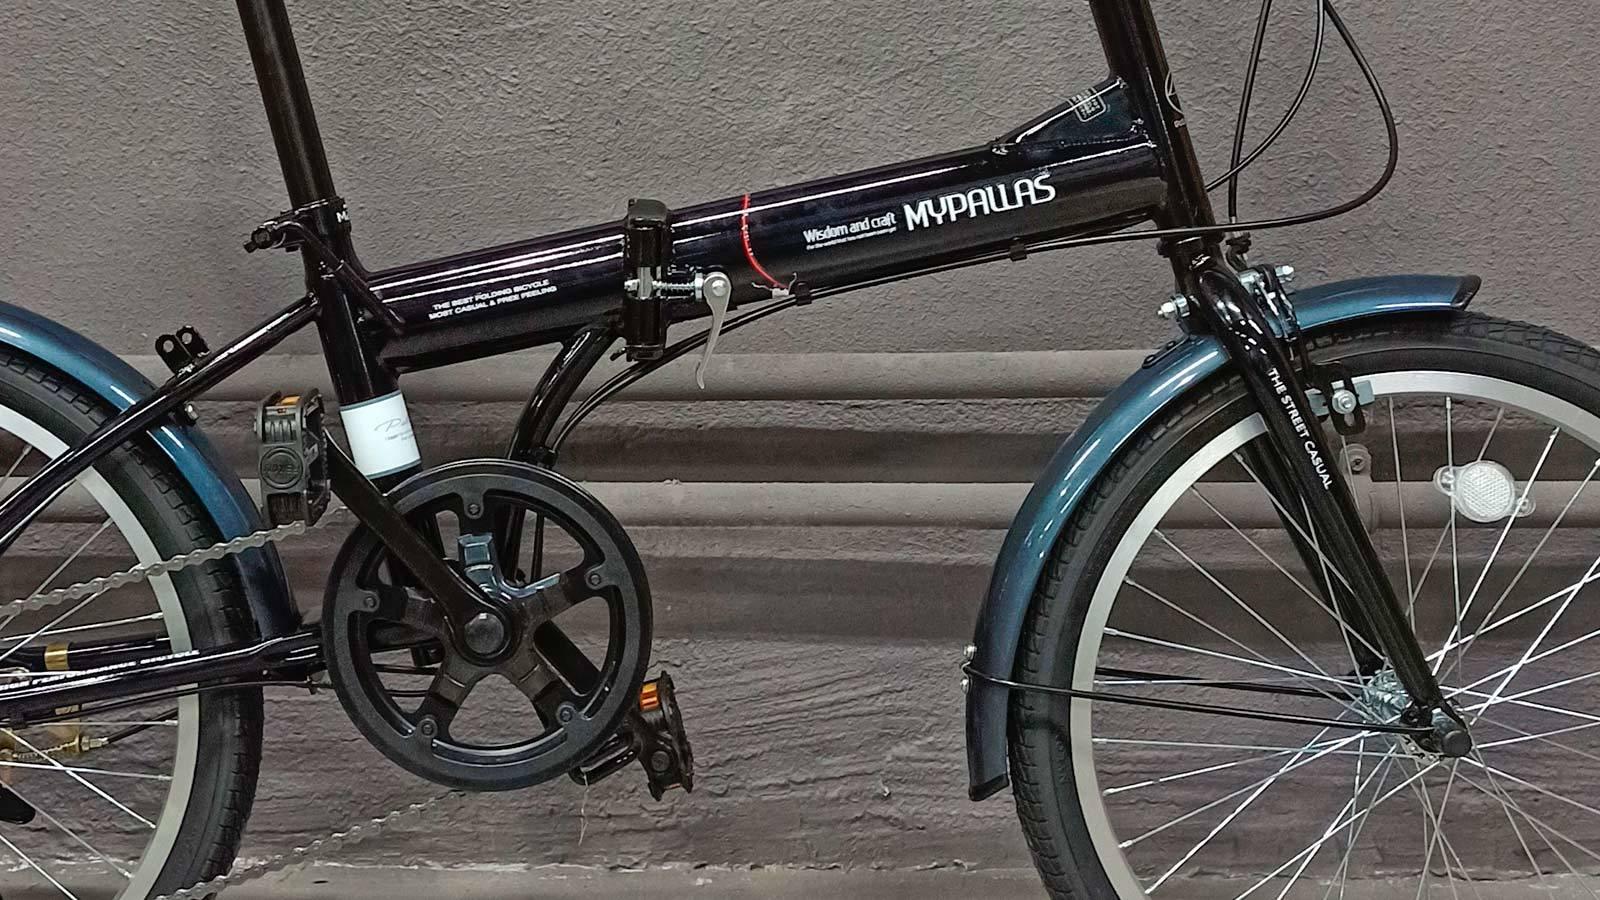 педаль и рама городского велосипеда